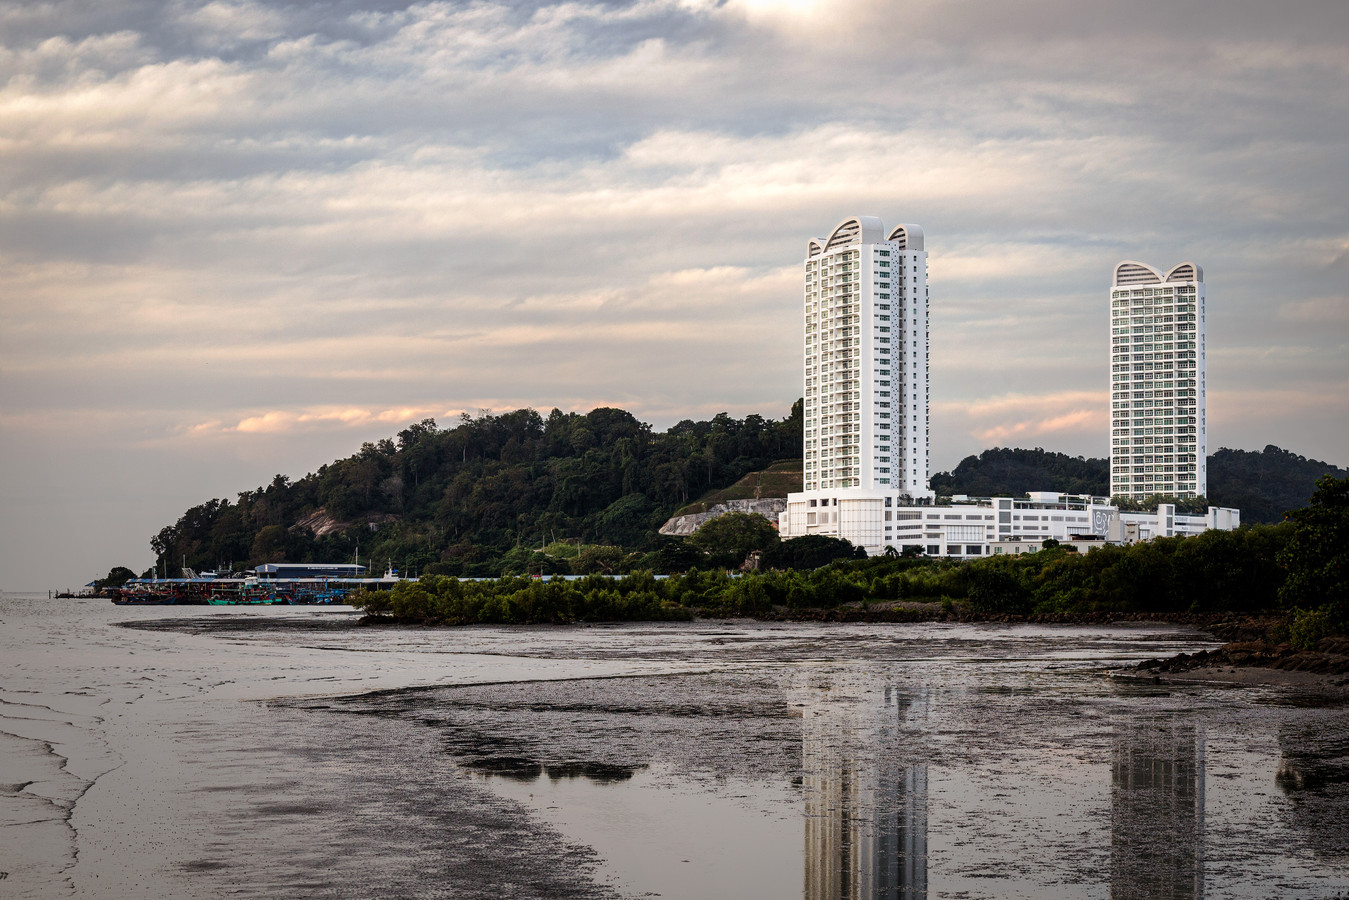 South Bay Condominium